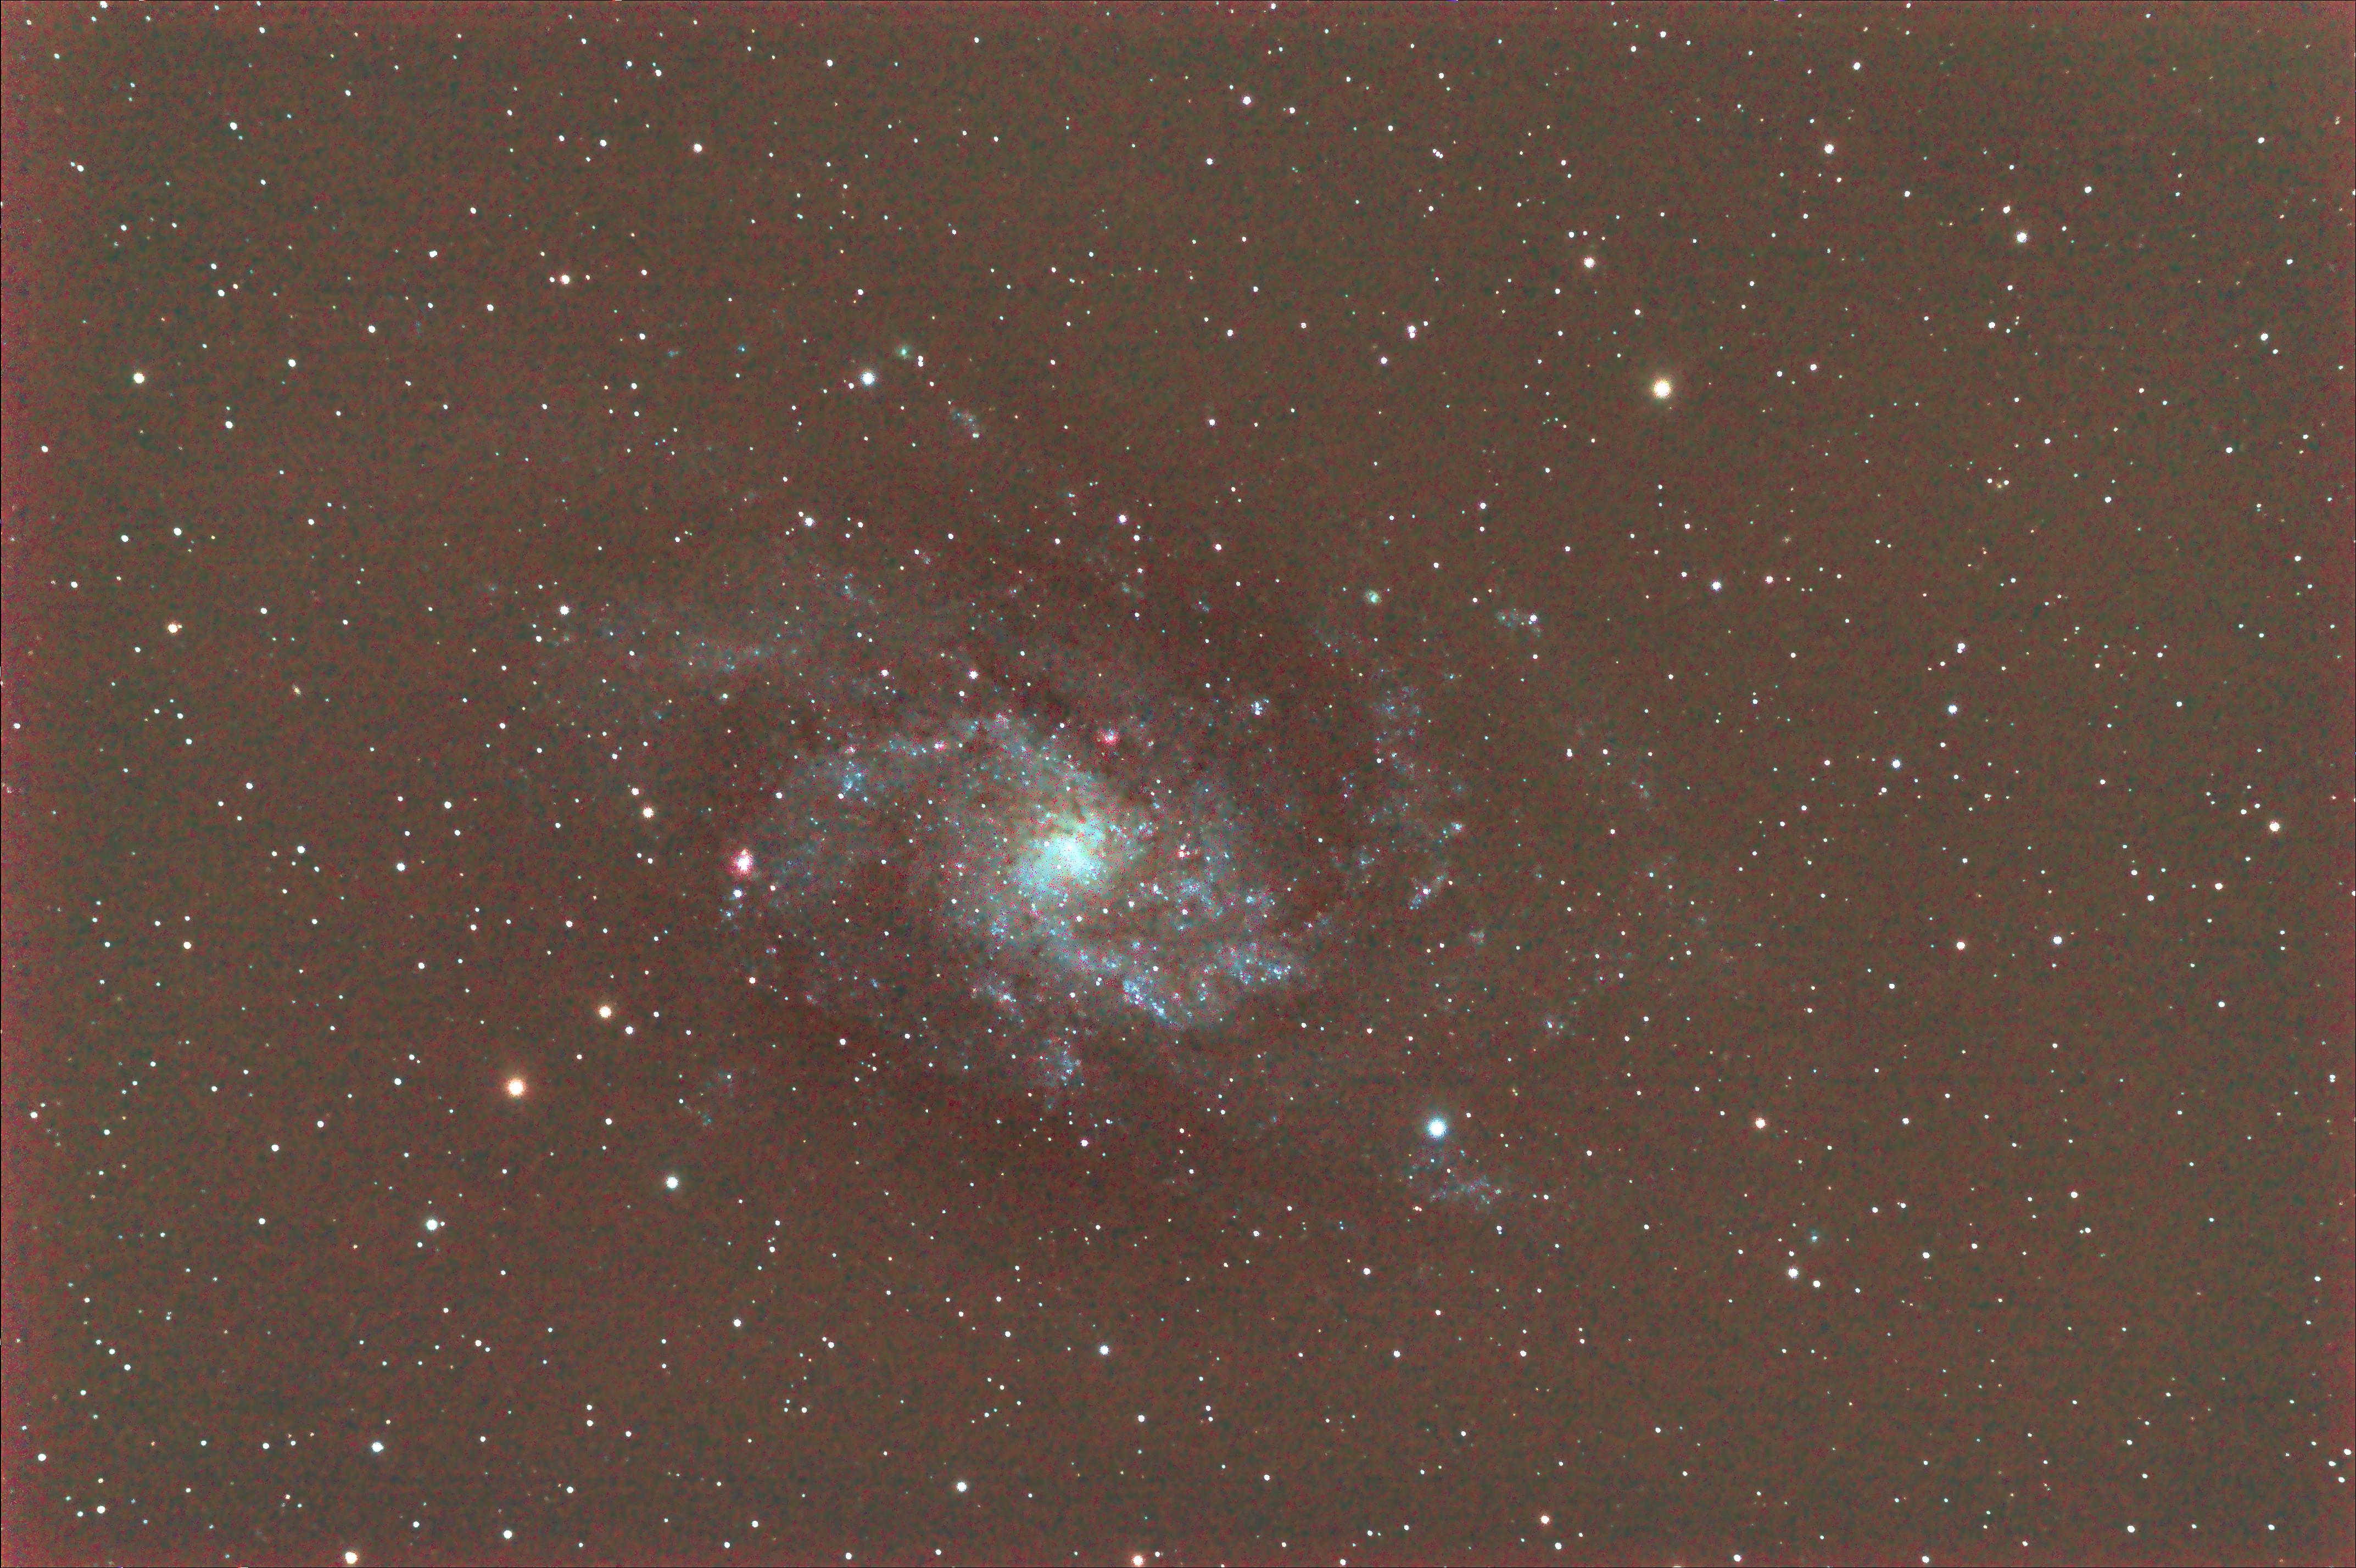 FITS M33 16 bit-ch final 4